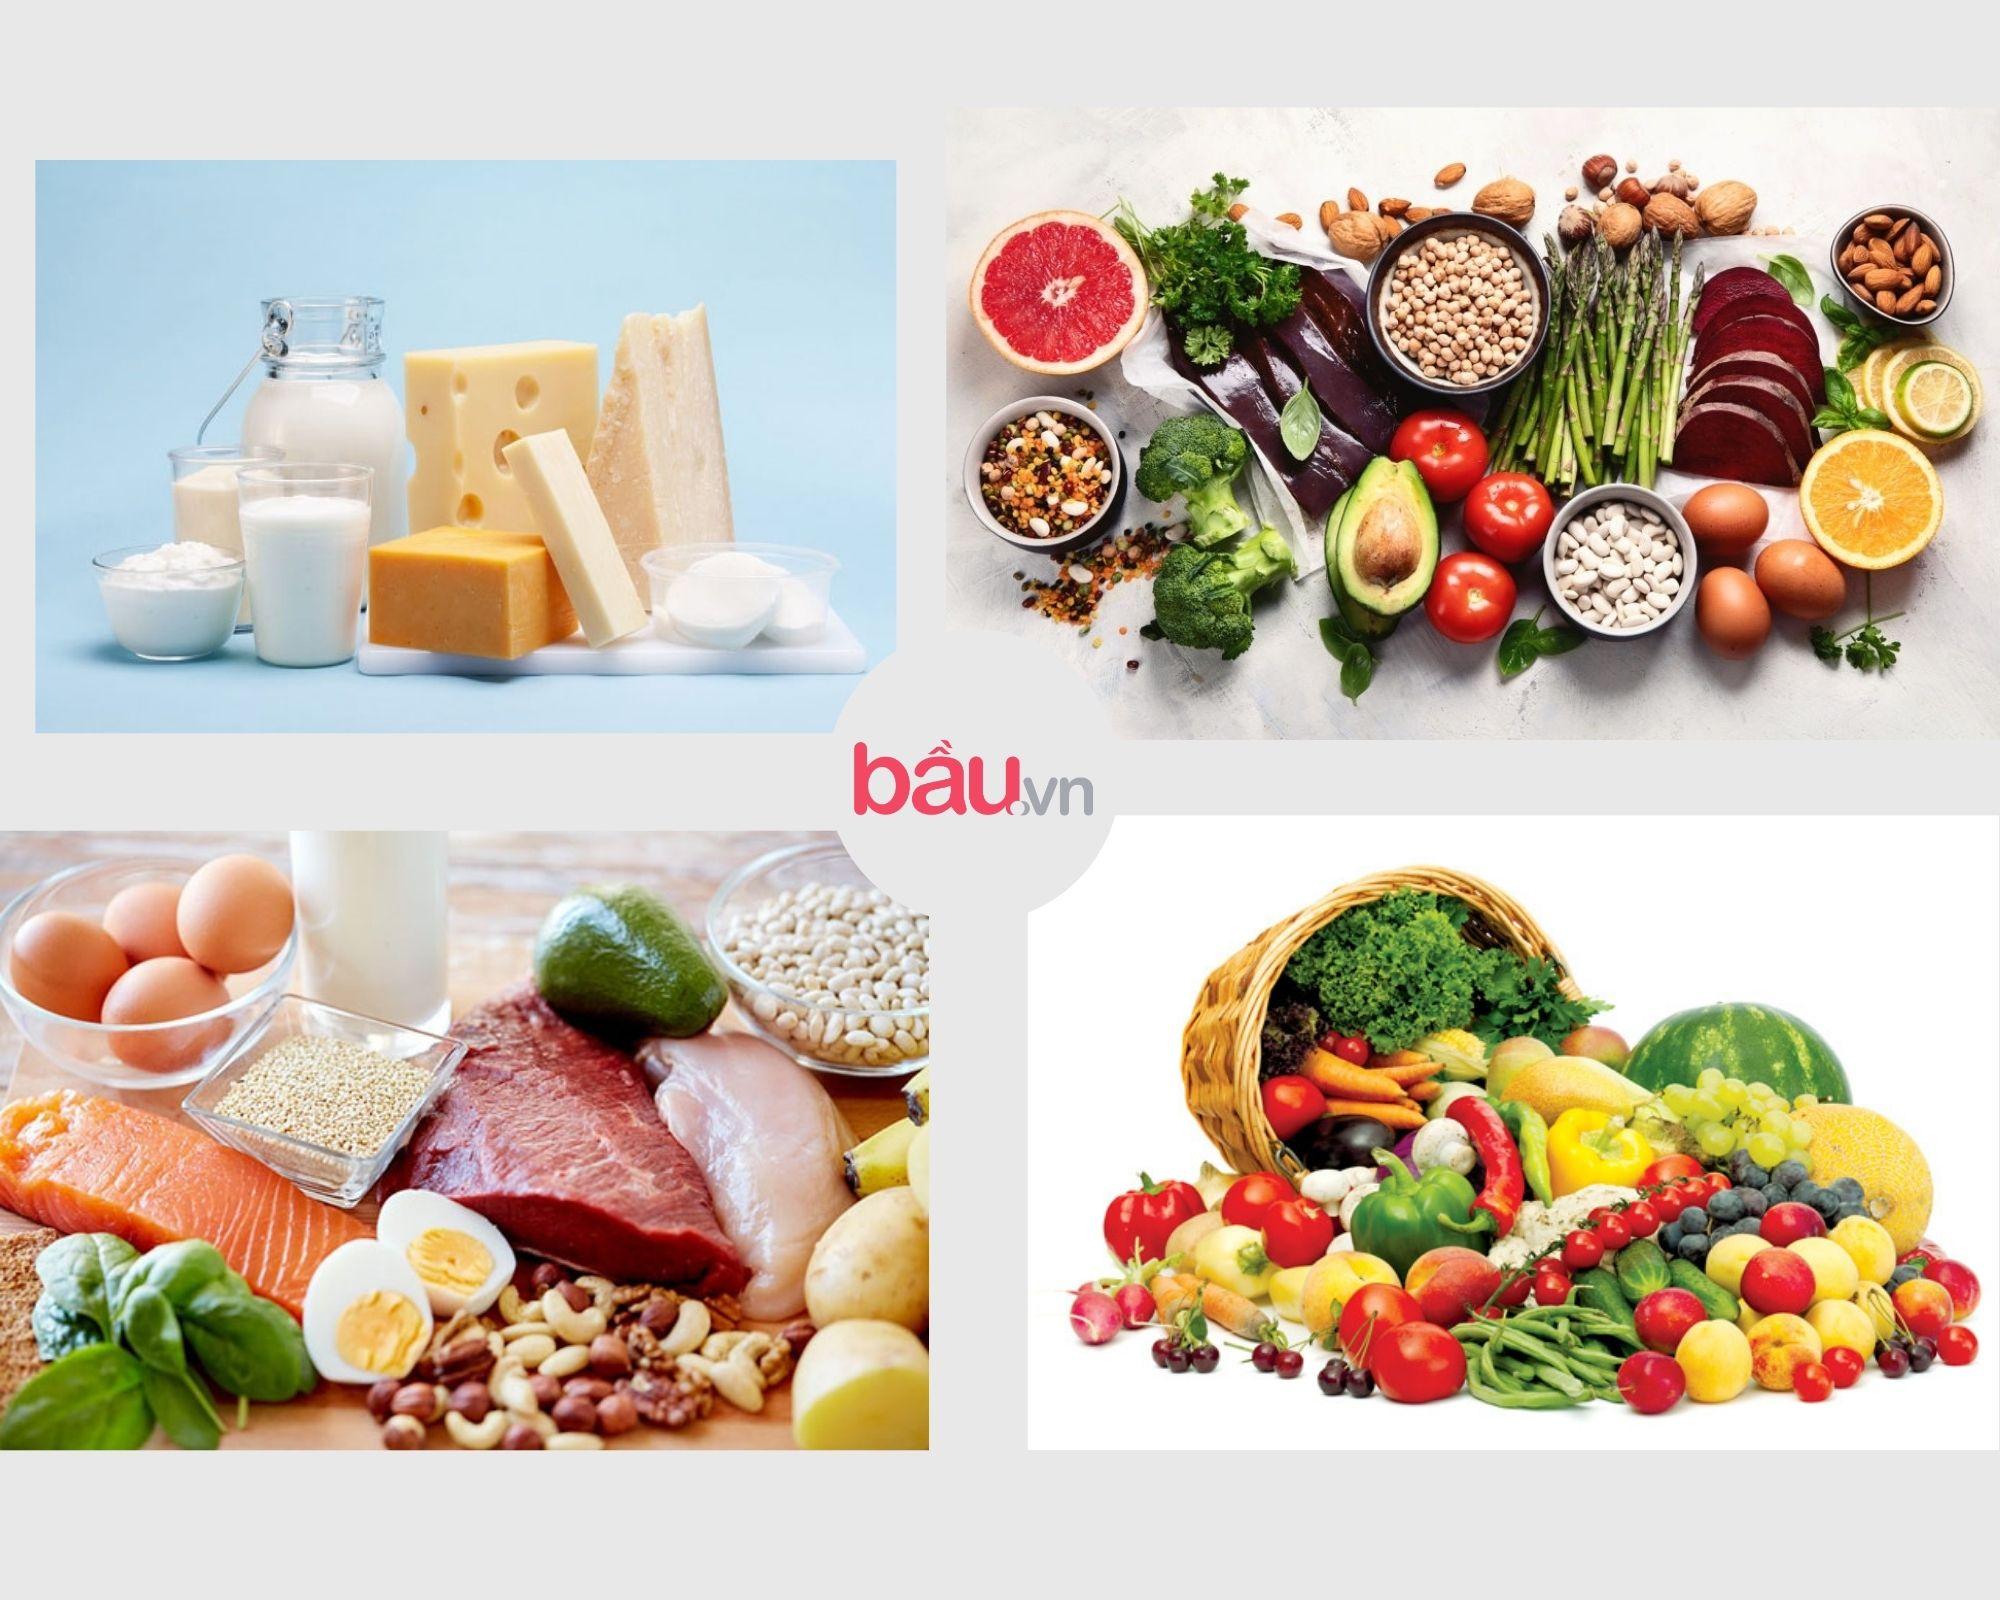 Những thực phẩm bổ sung dinh dưỡng trước mang thai